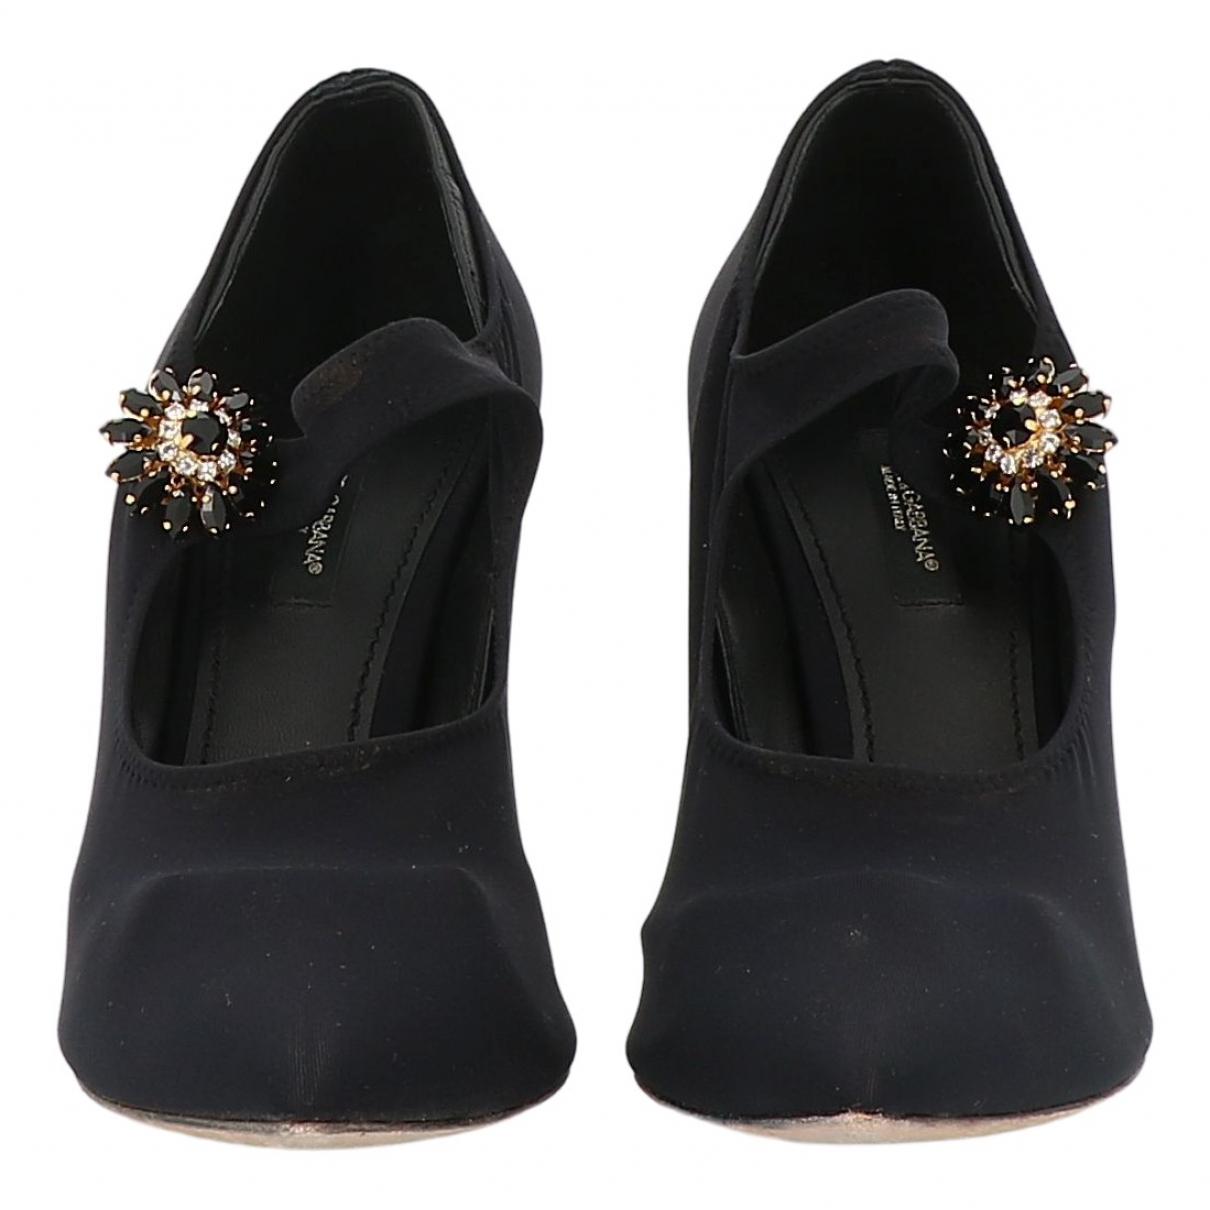 Dolce & Gabbana \N Pumps in  Schwarz Leinen